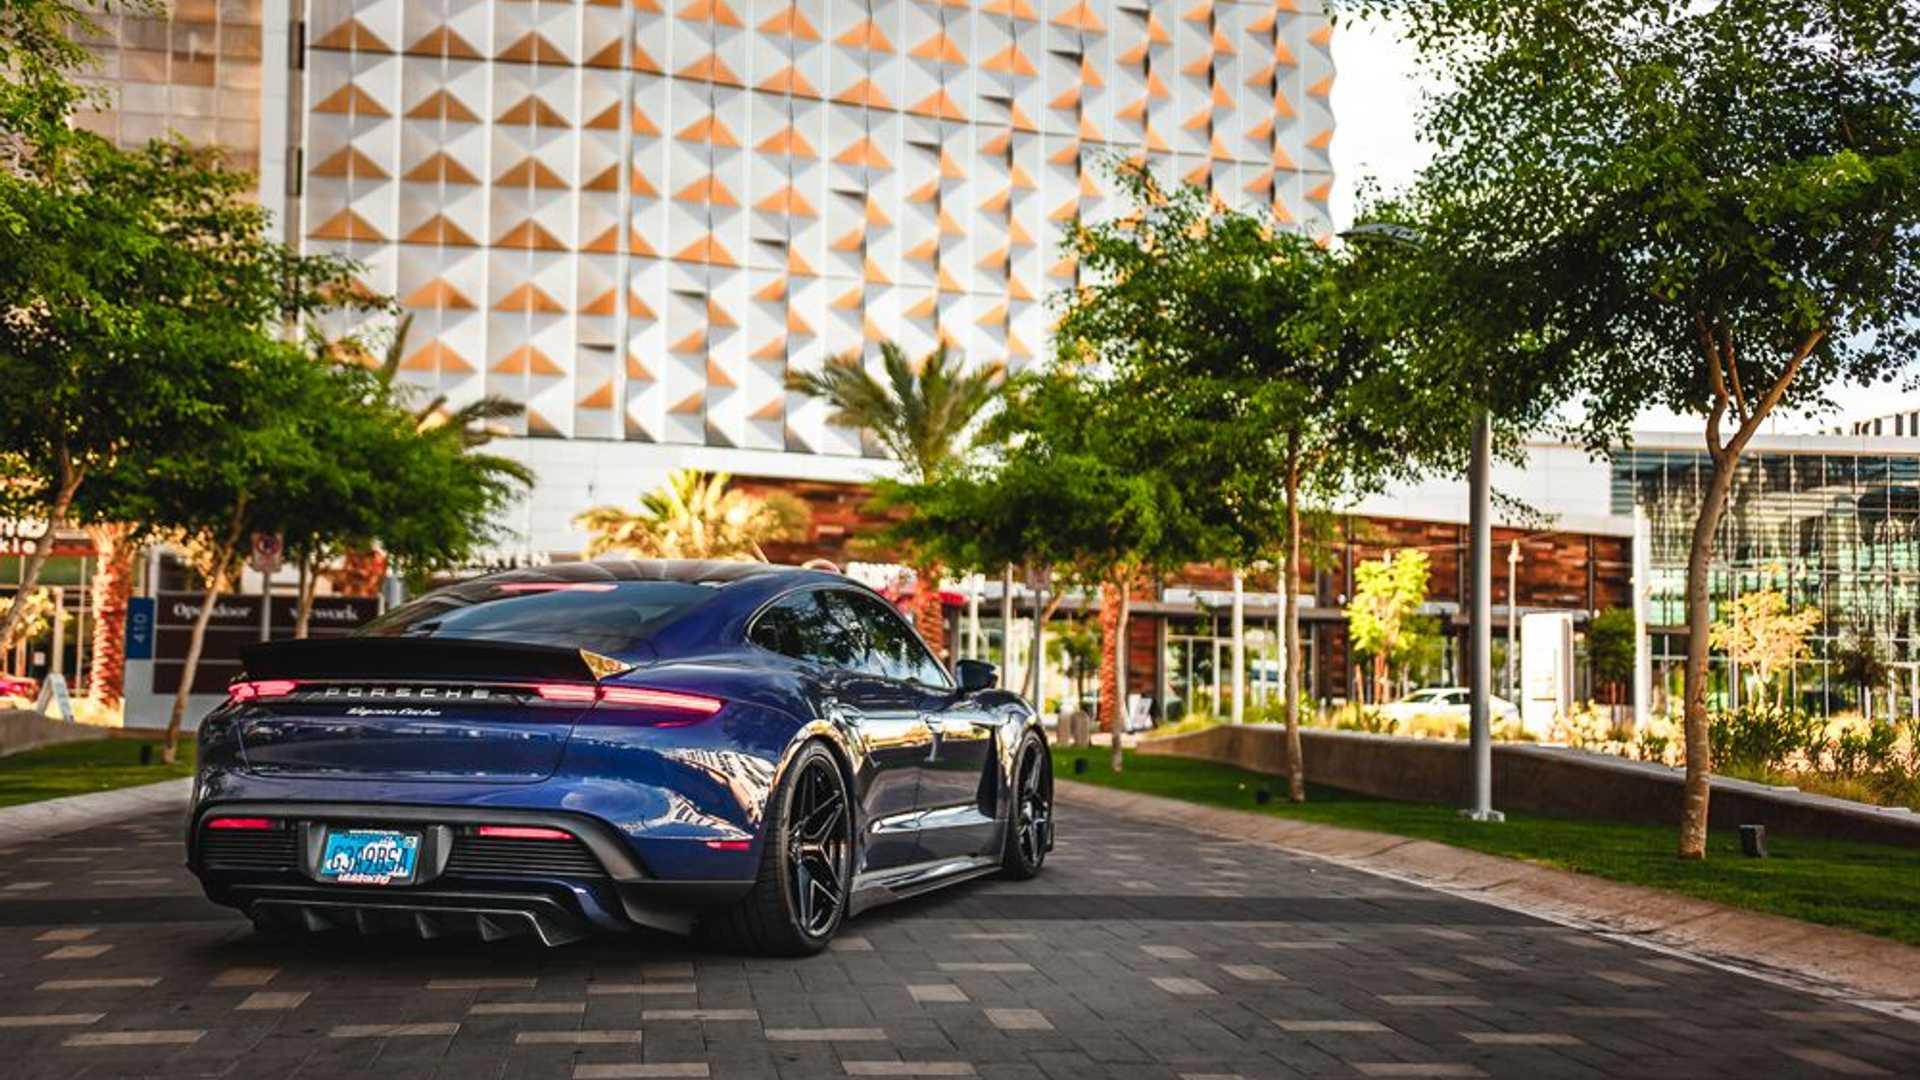 Porsche-Taycan-by-Vivid-Racing-32